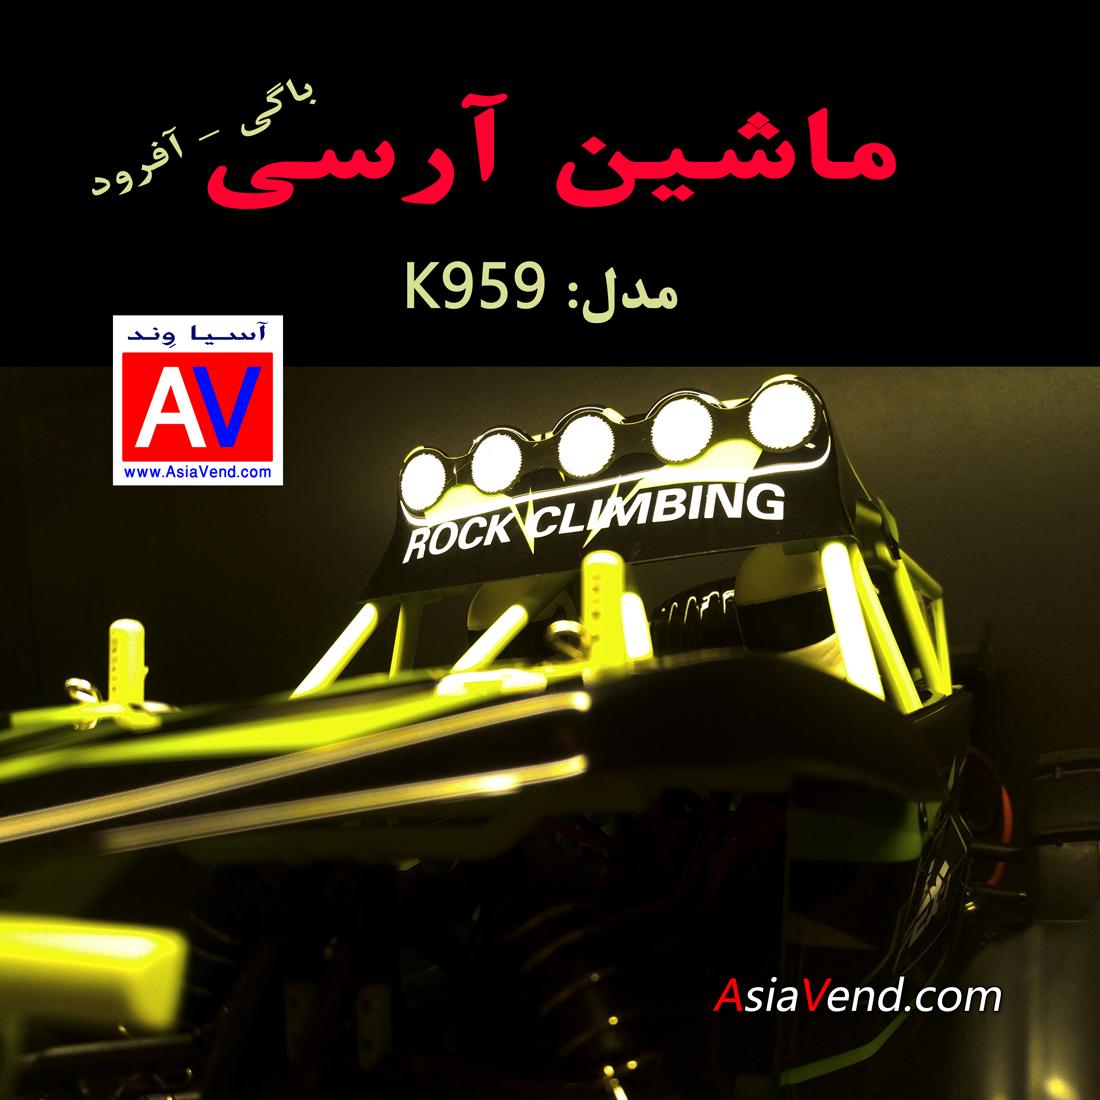 ماشین کنترلی k959 ماشین رادیو کنترلی K959